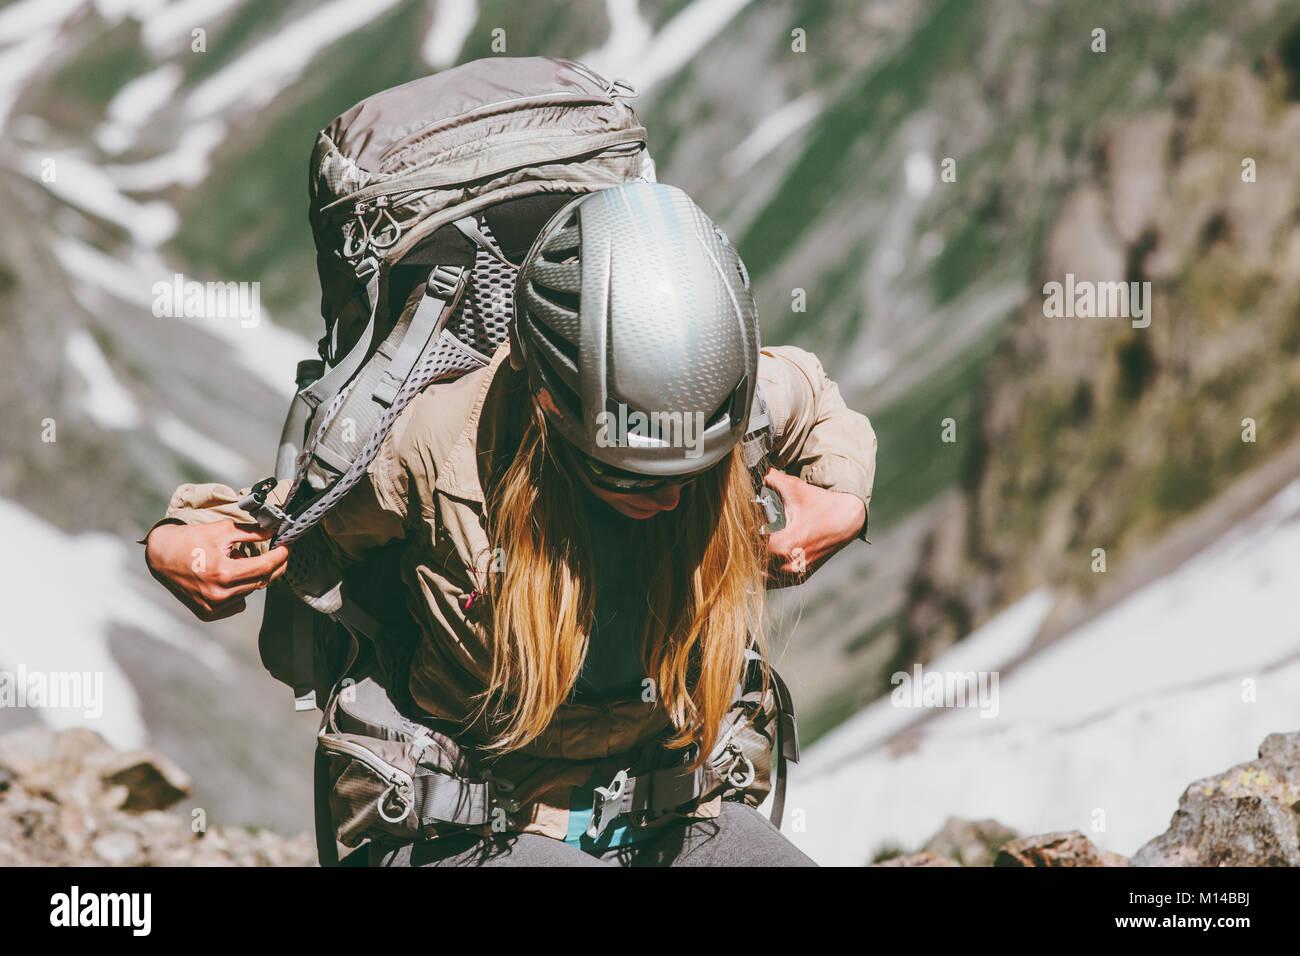 Donna con zaino trekking in montagna corsa uno stile di vita sano adventure concept active estate vacanze outdoor Immagini Stock